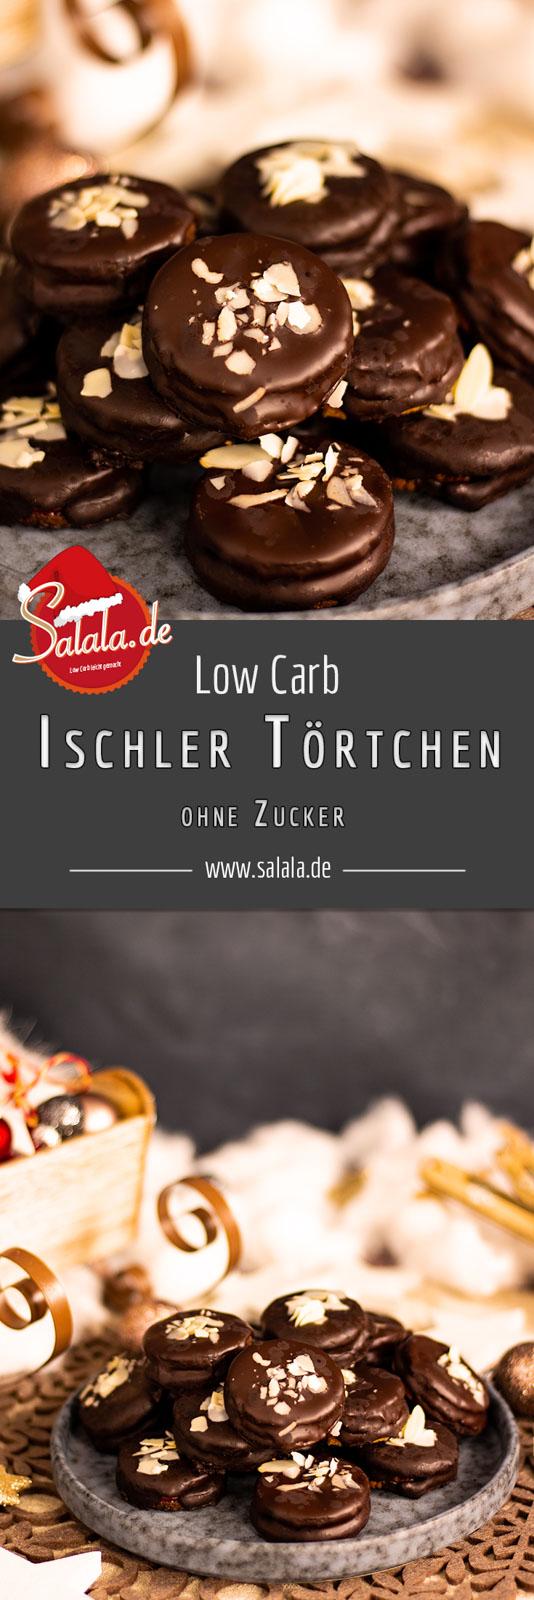 Ischler Törtchen mit Schokoladen-Buttercreme - by salala.de - ohne Zucker und ohne Mehl I Low Carb Plätzchen Rezept glutenfrei #ischlertörtchen #lowcarb #lowcarbbacken #lowcarbplätzchen #plätzchen #backen #weihnachten #ischler #ischlerplätzchen #backenohnezucker